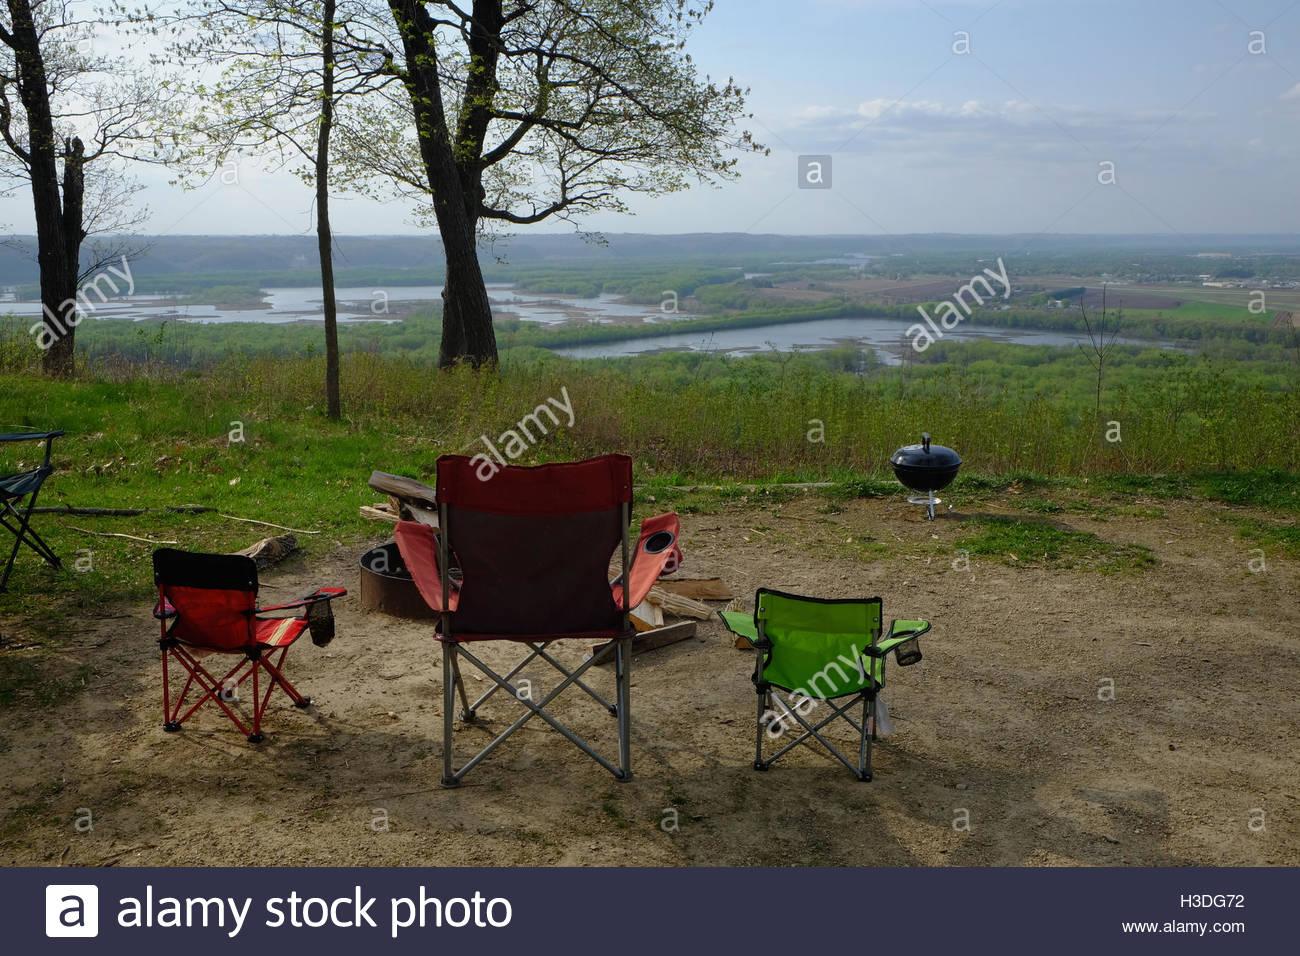 Dreisessel Camp in der Nähe von einem Outdoor-Feuer Grube sitzen auf einem Campingplatz mit Blick auf die Wisconsin Stockbild